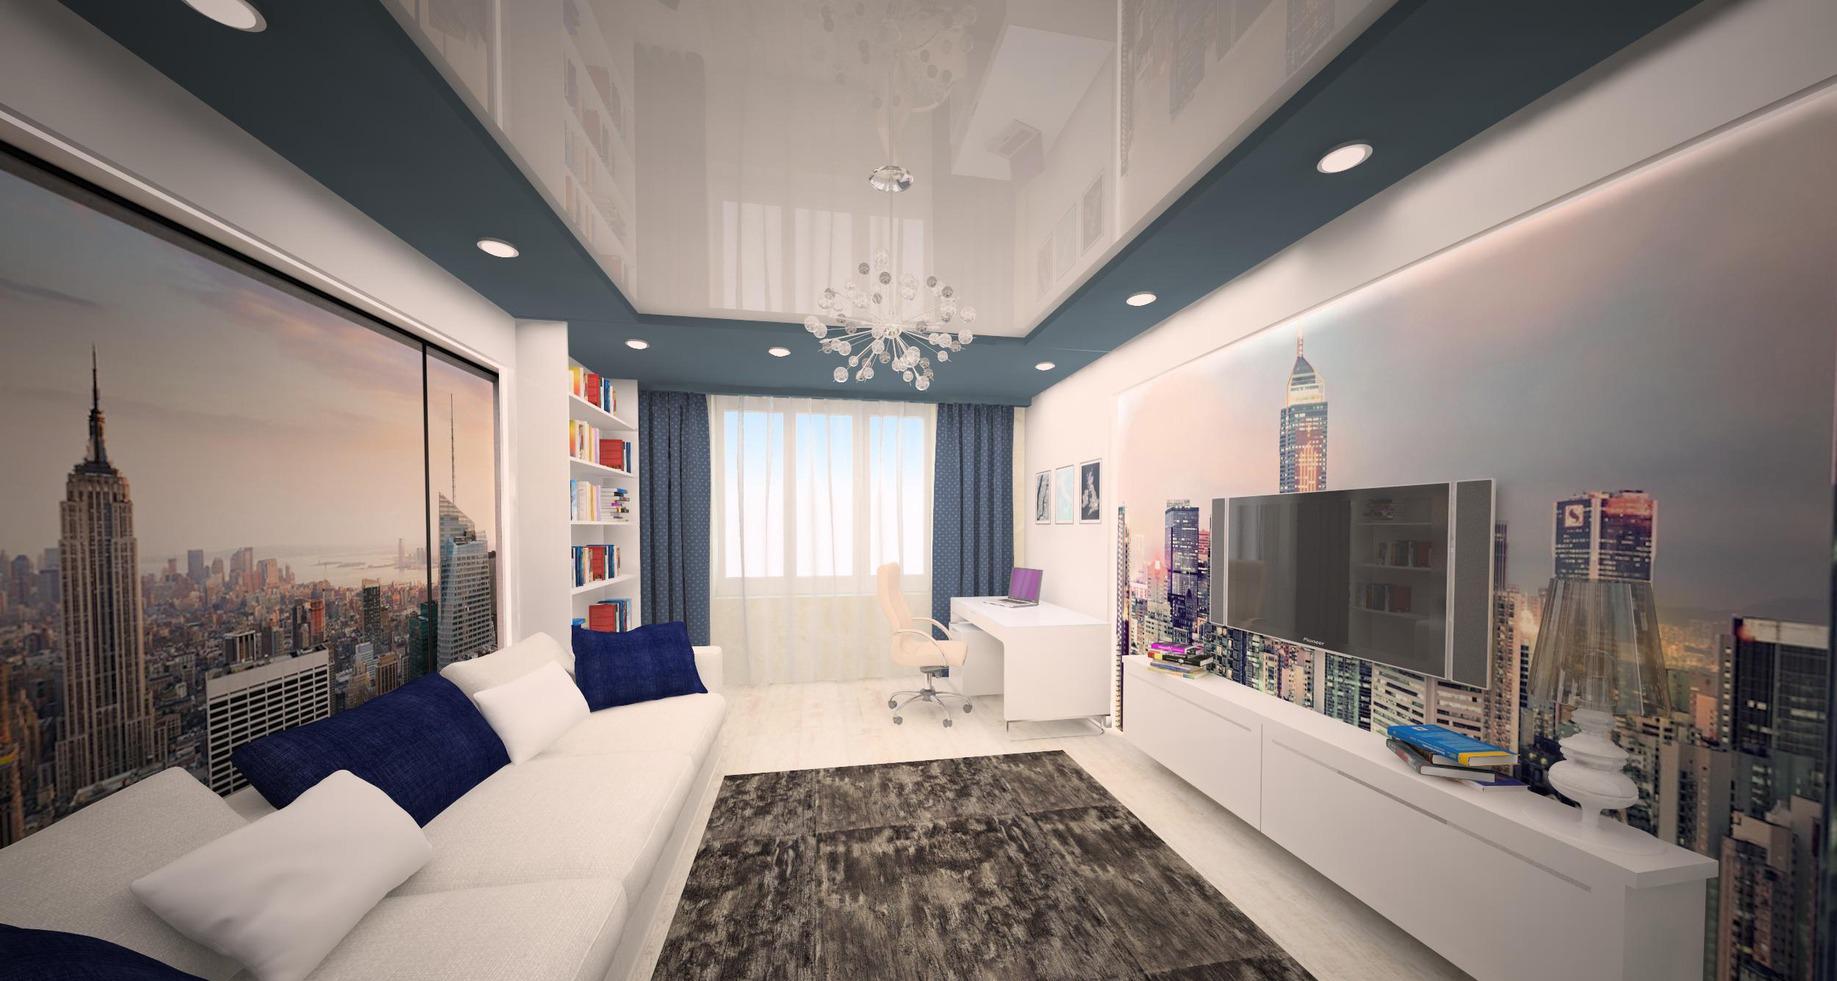 Интерьер комнаты мальчика подростка с дополнительным точечным освещением